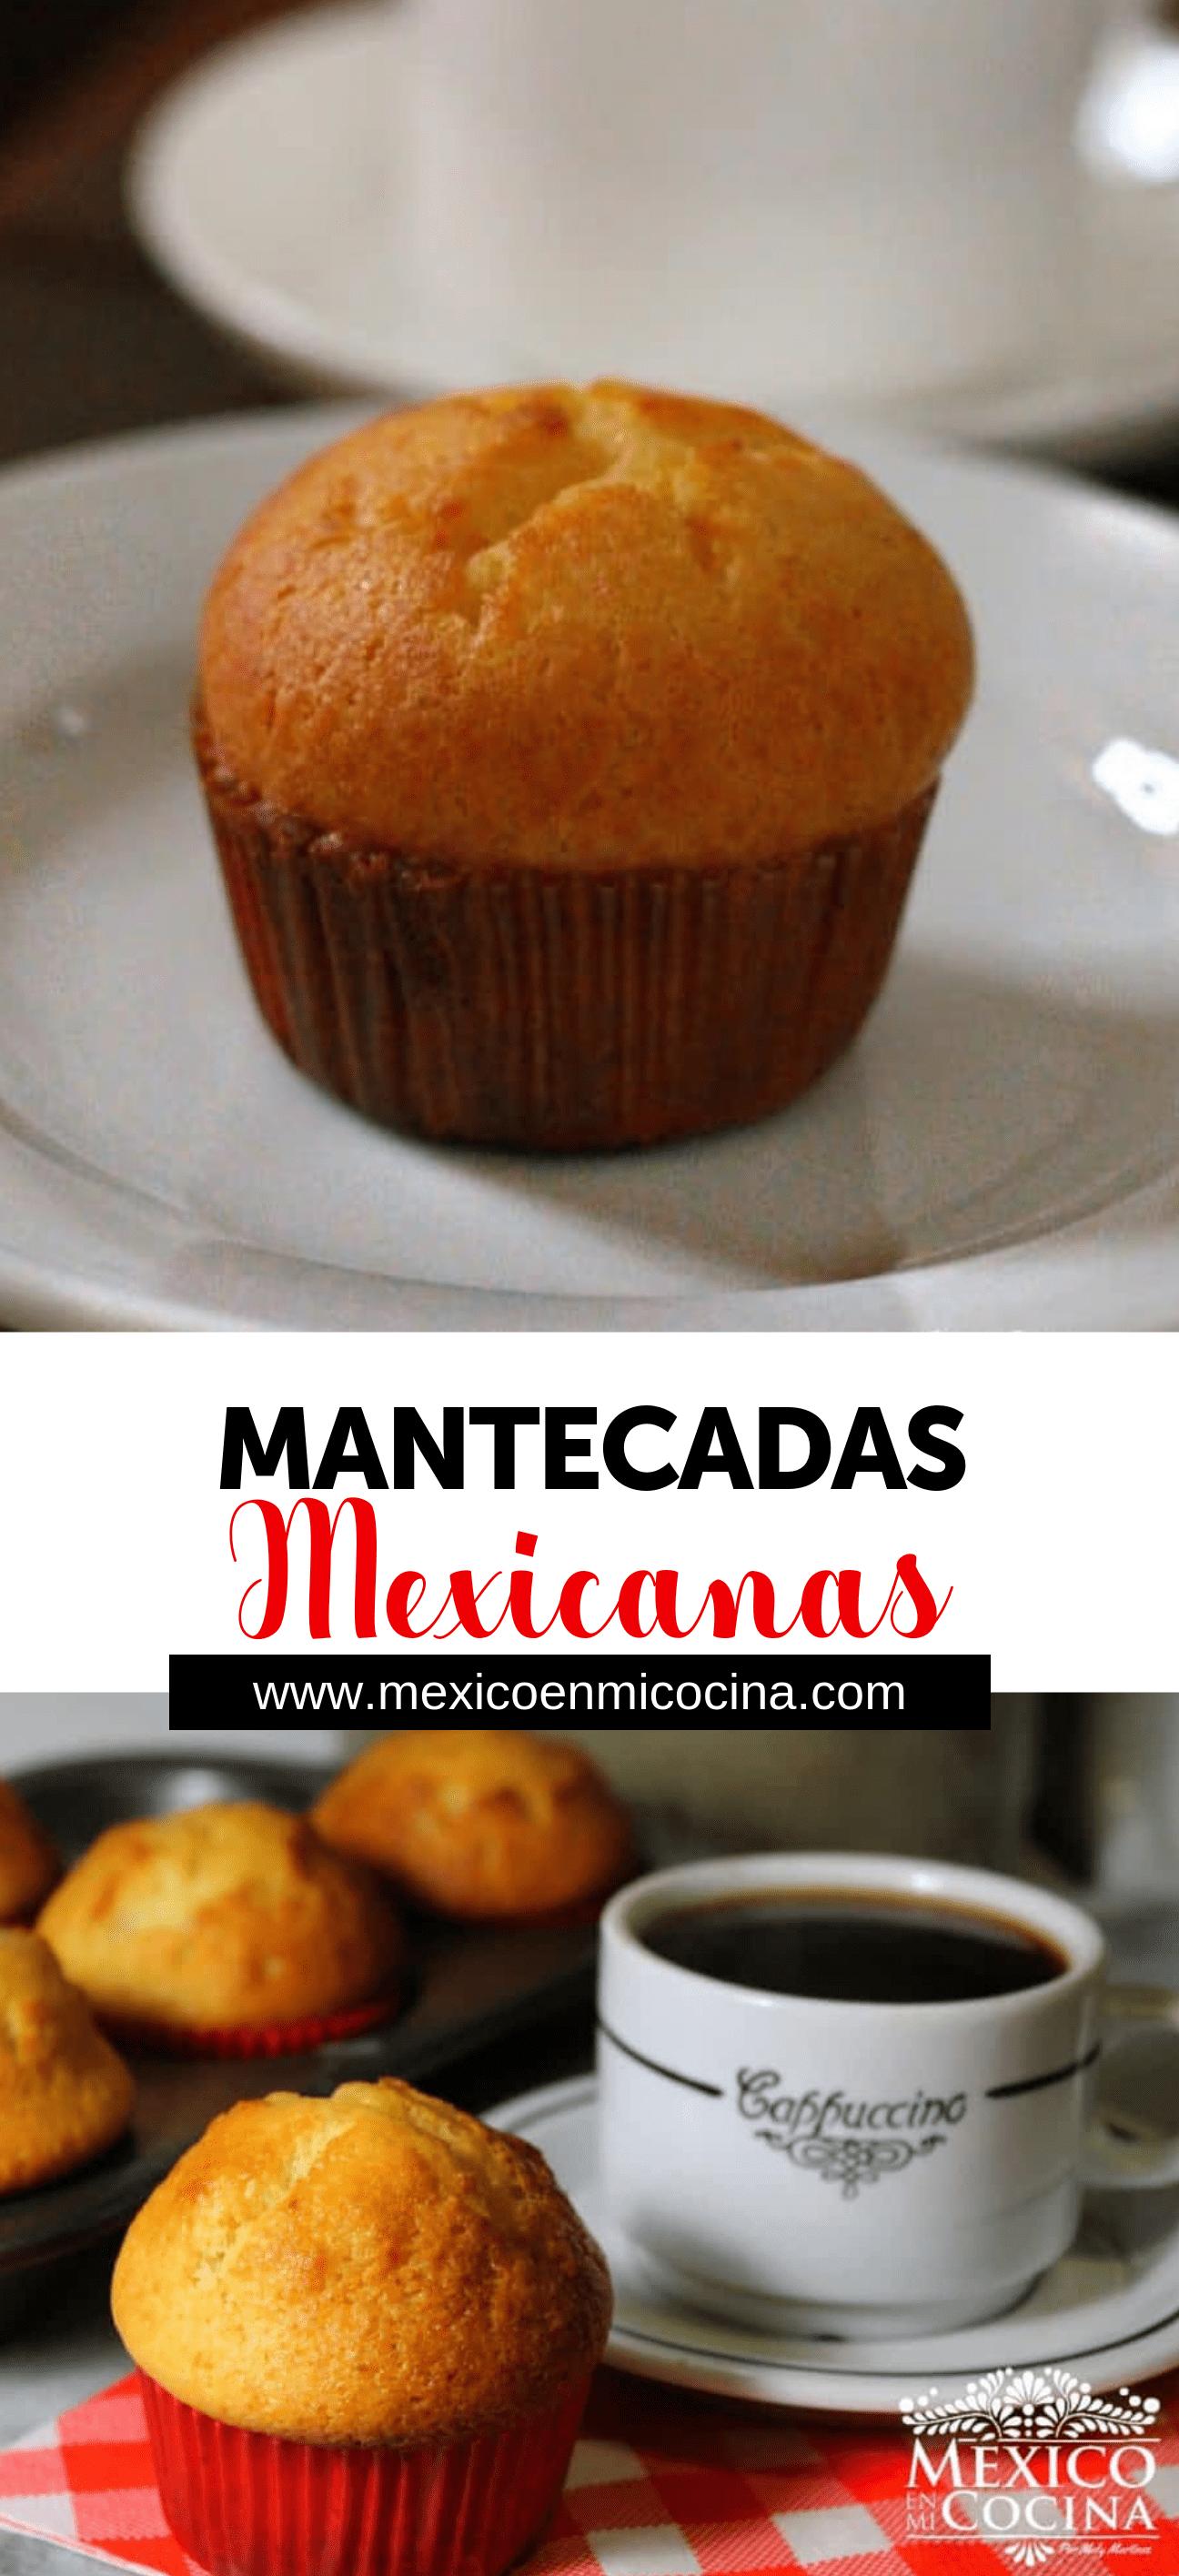 Cómo Hacer Mantecadas Mexicanas Una Receta Rápida Y Fácil Receta Panes Dulces Mexicanos Mantecadas Pan De Dulce